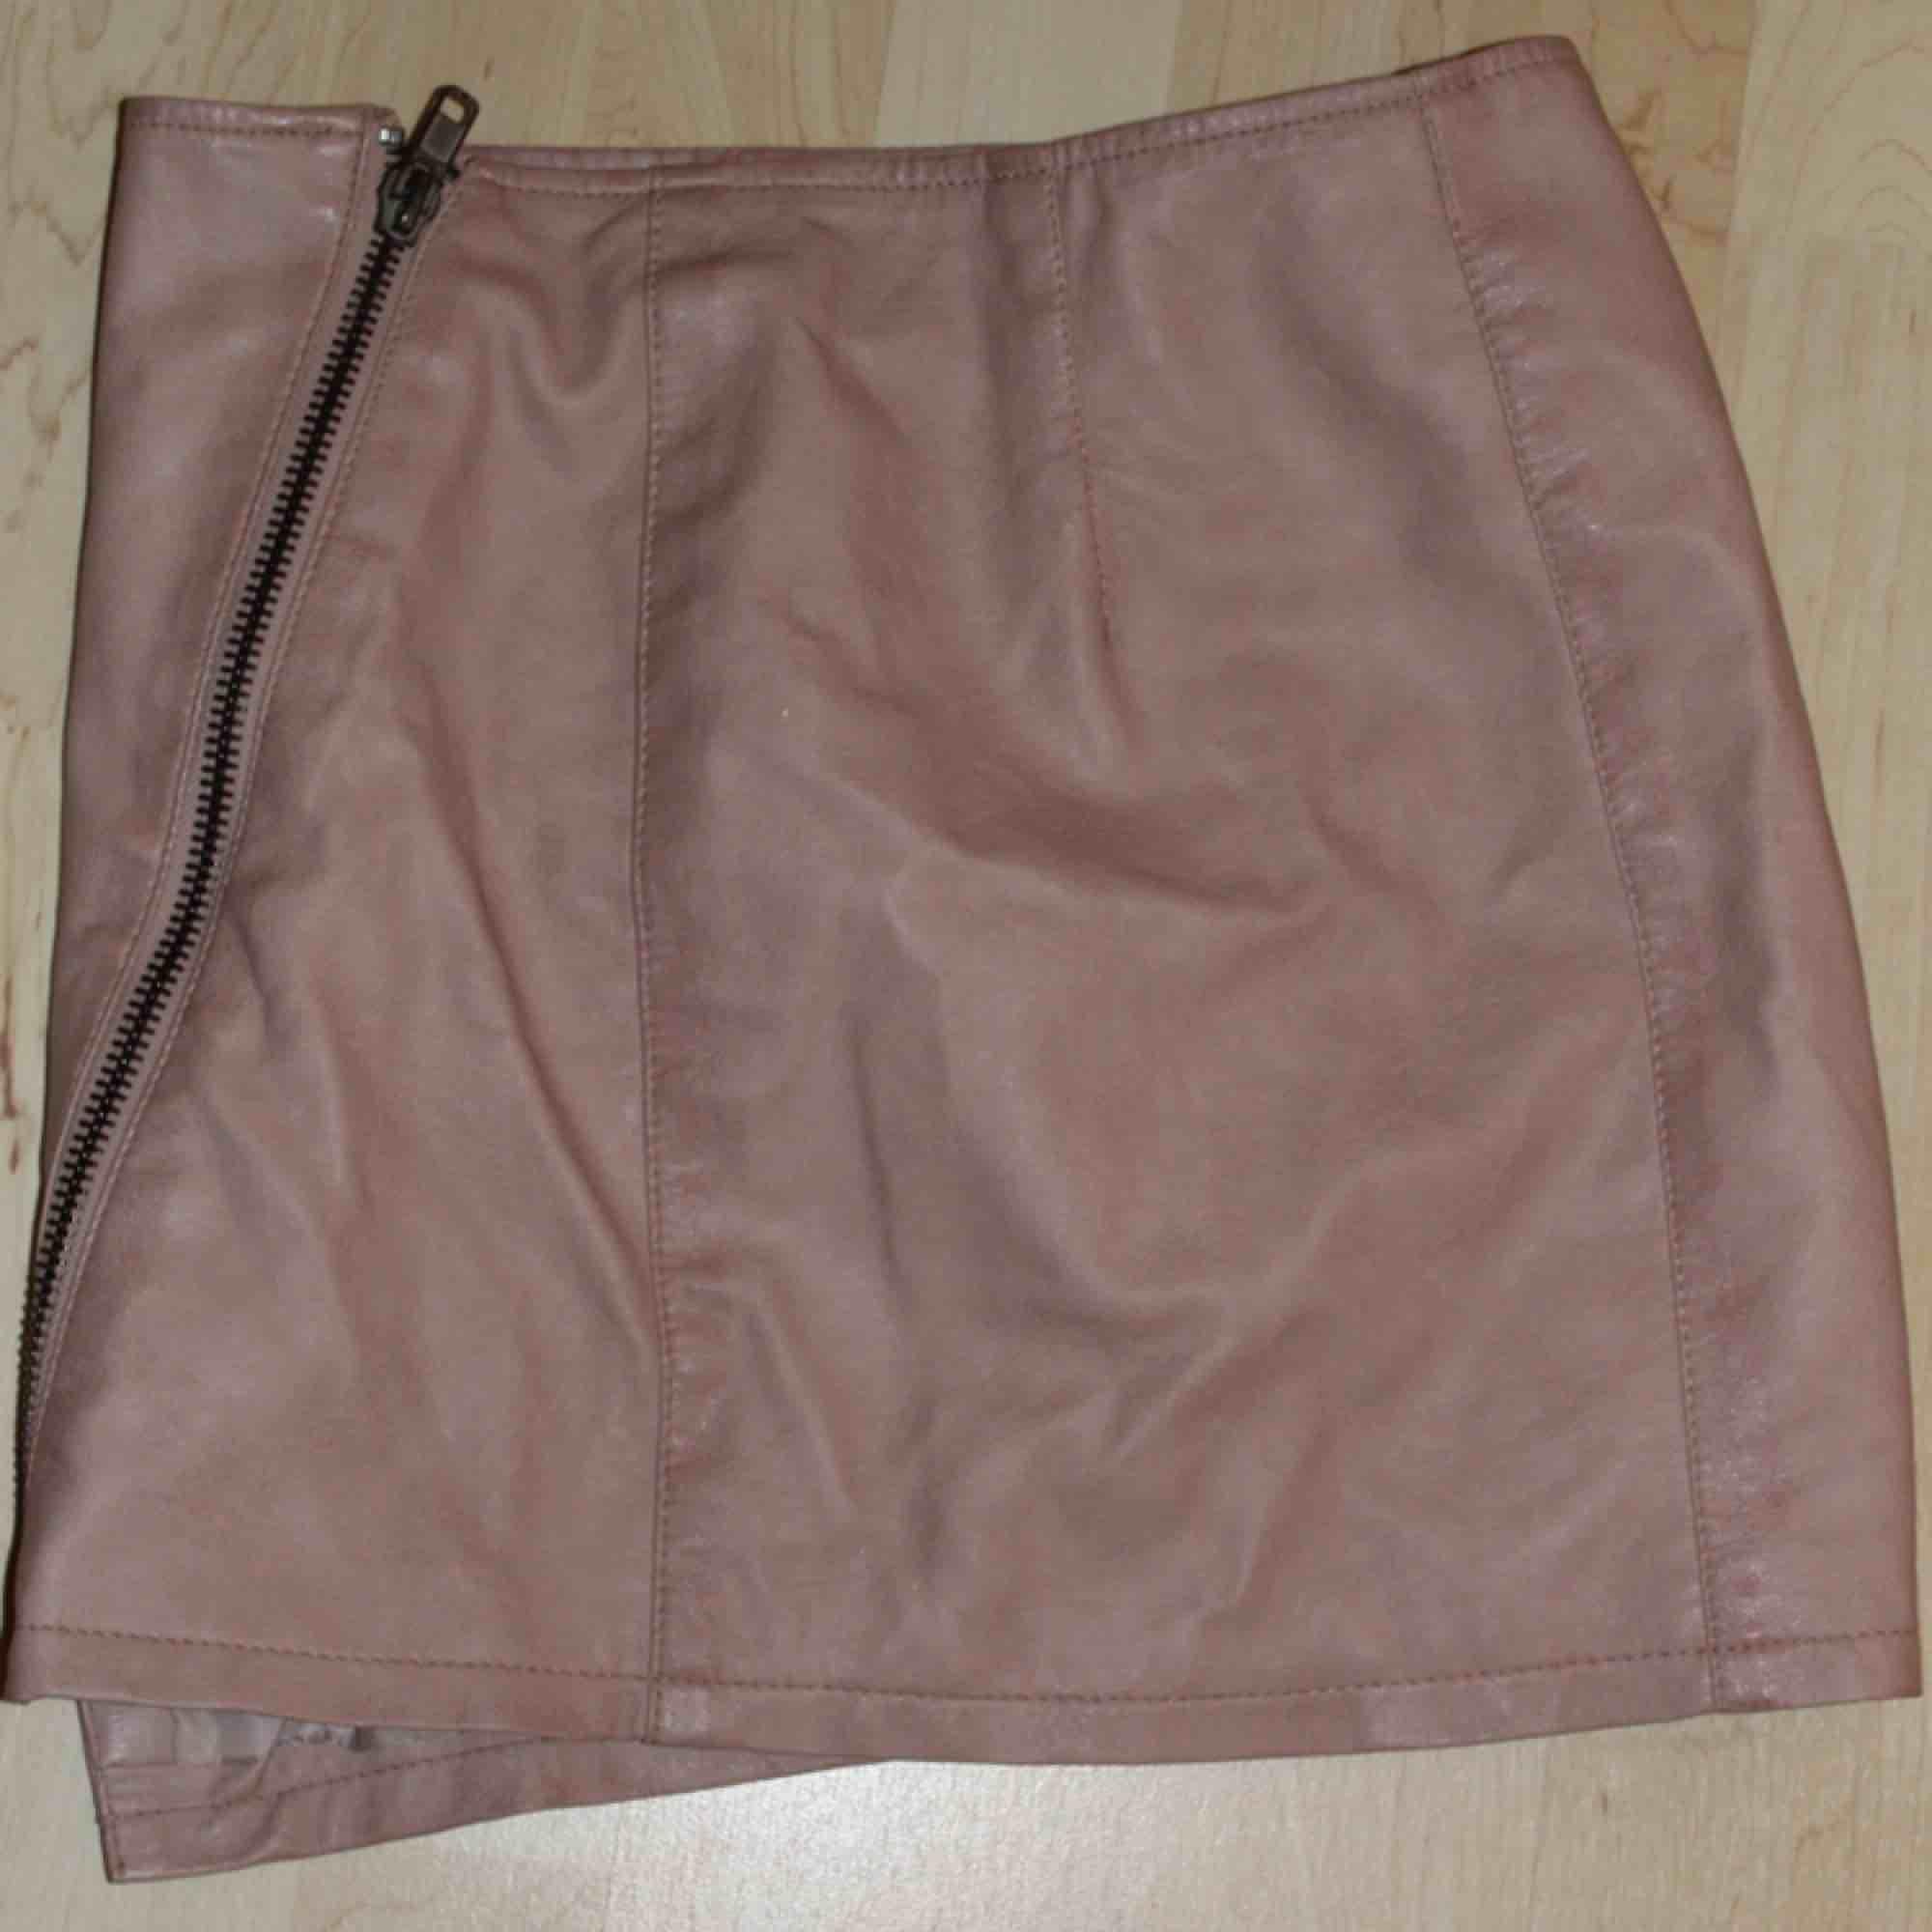 Assnygg tjol i rosa fakeläder. Kan mötas upp i Stockholm eller frakta för 45 kr. Kjolar.